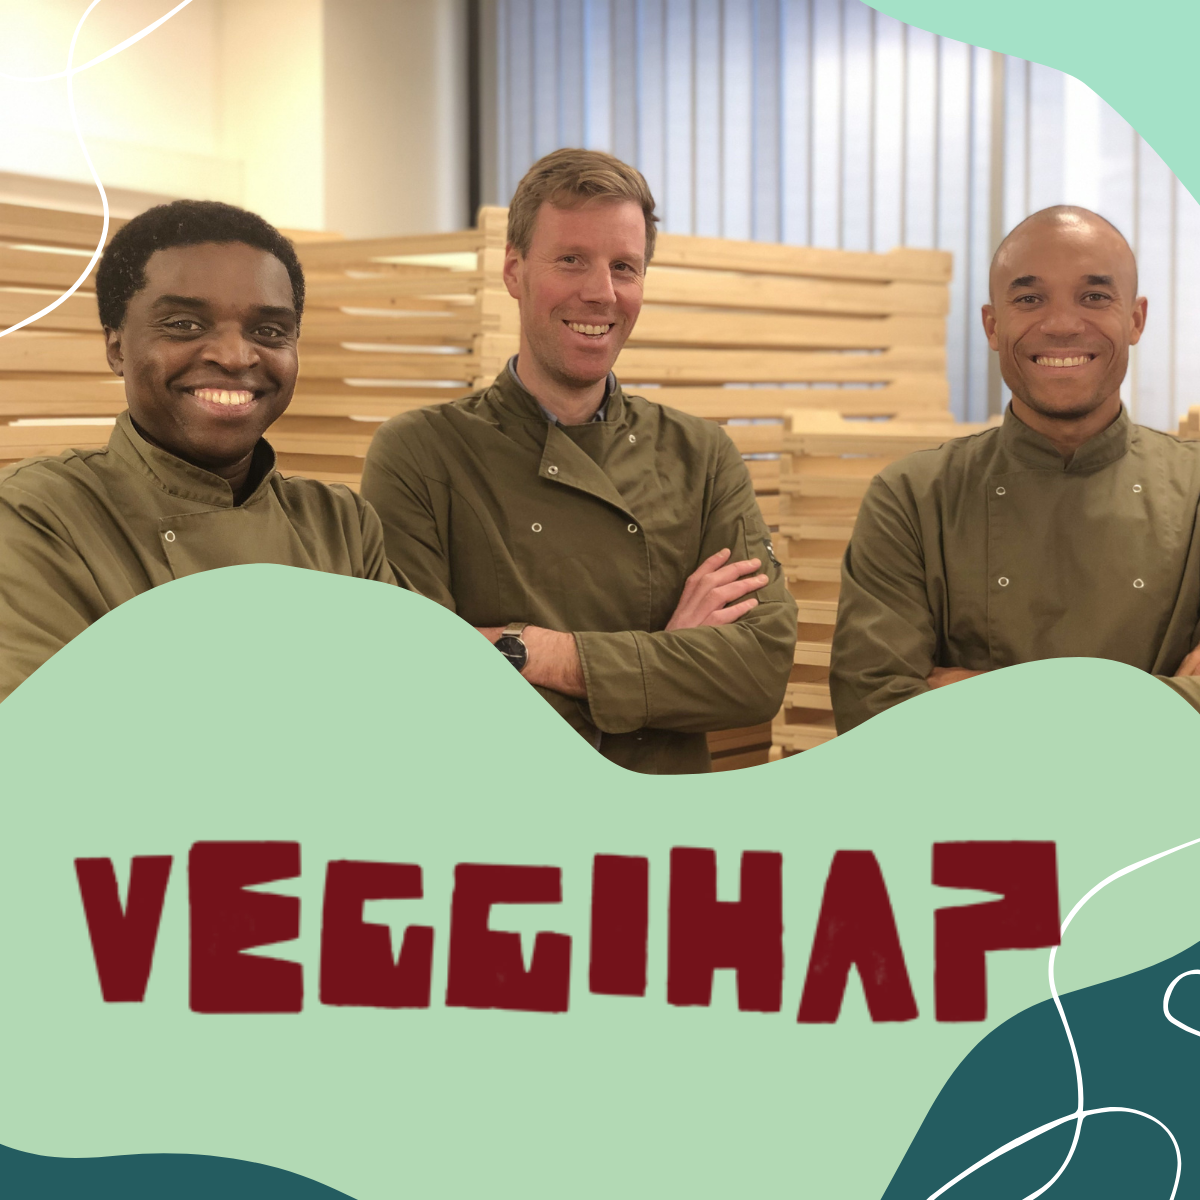 VeggieHap: groentepasta met meer dan 50% groente start crowdfunding